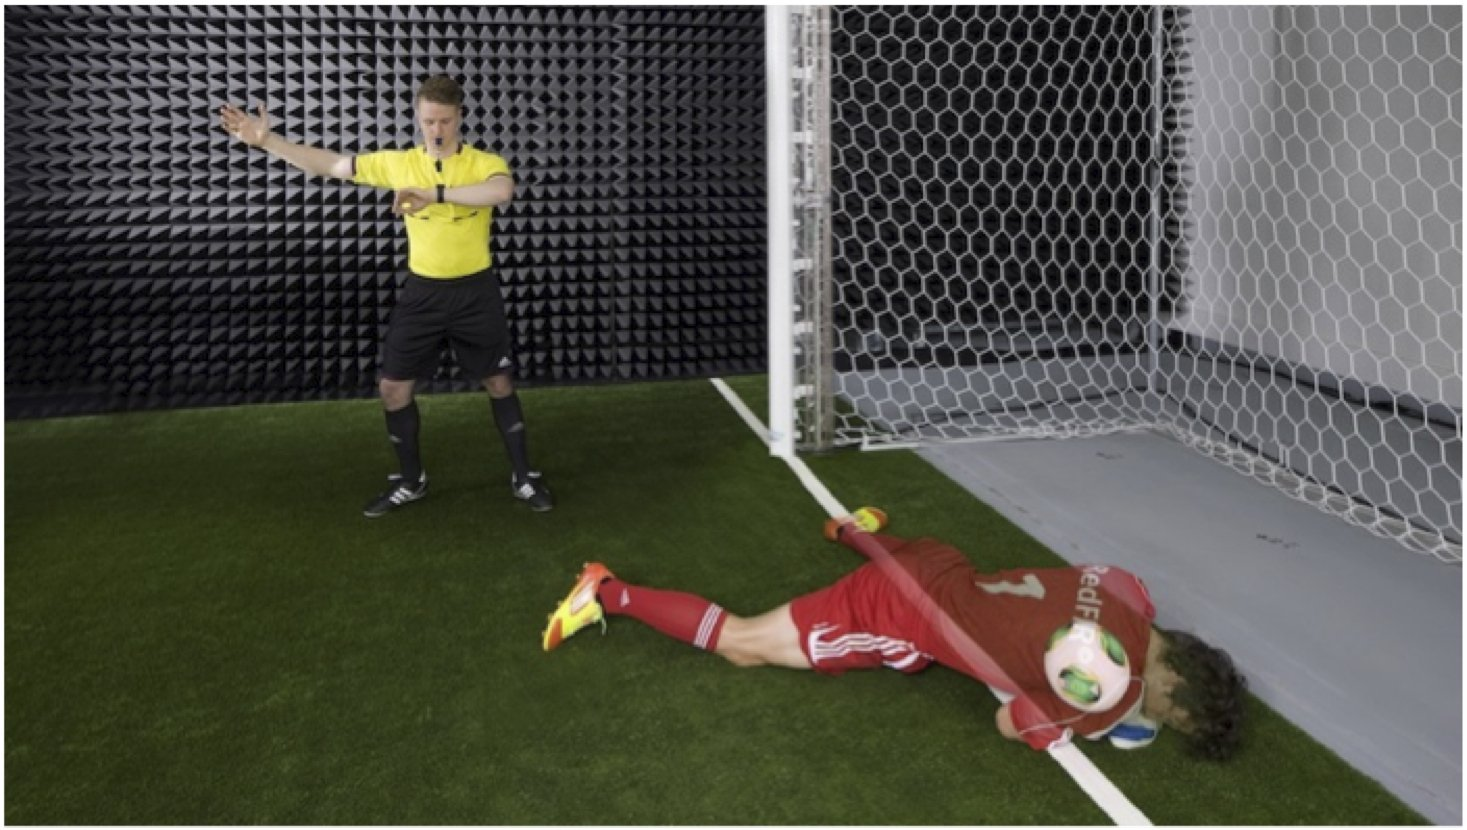 Das Goalref-System des Fraunhofer-Instituts arbeitet mit einem Magnetfeld. Somit kann es die Position des Balls auch dann zuverlässig erkennen, wenn ihn der Spieler verdeckt.